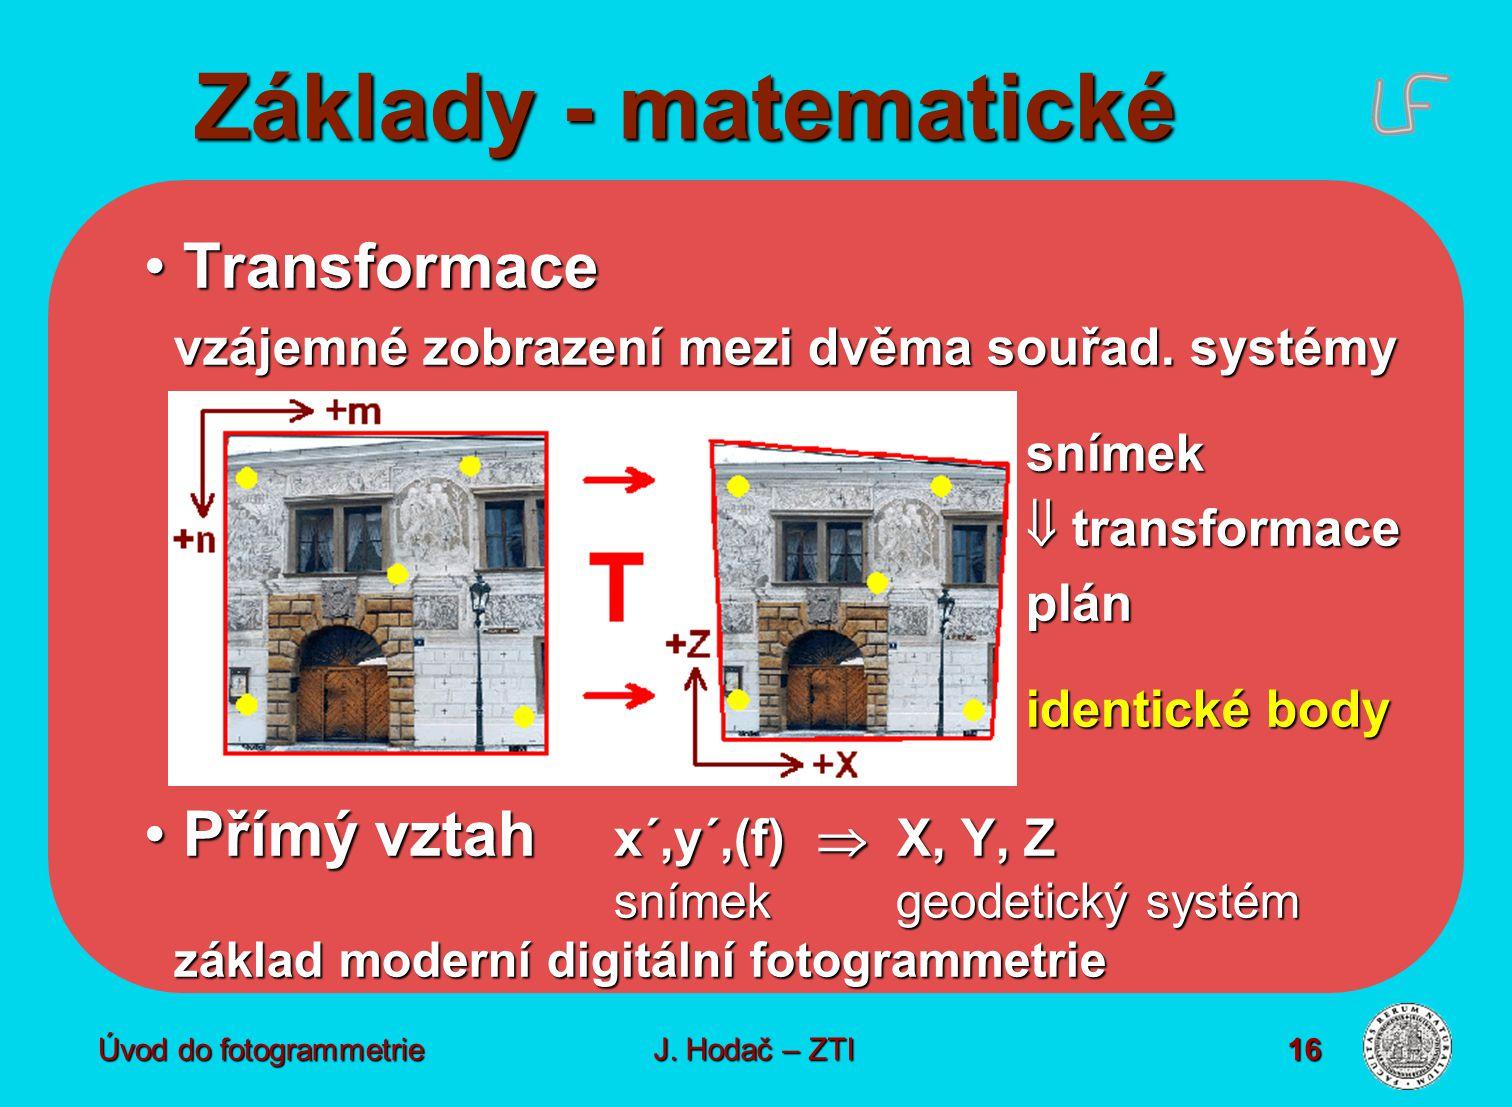 Základy - matematické Transformace Přímý vztah x´,y´,(f)  X, Y, Z